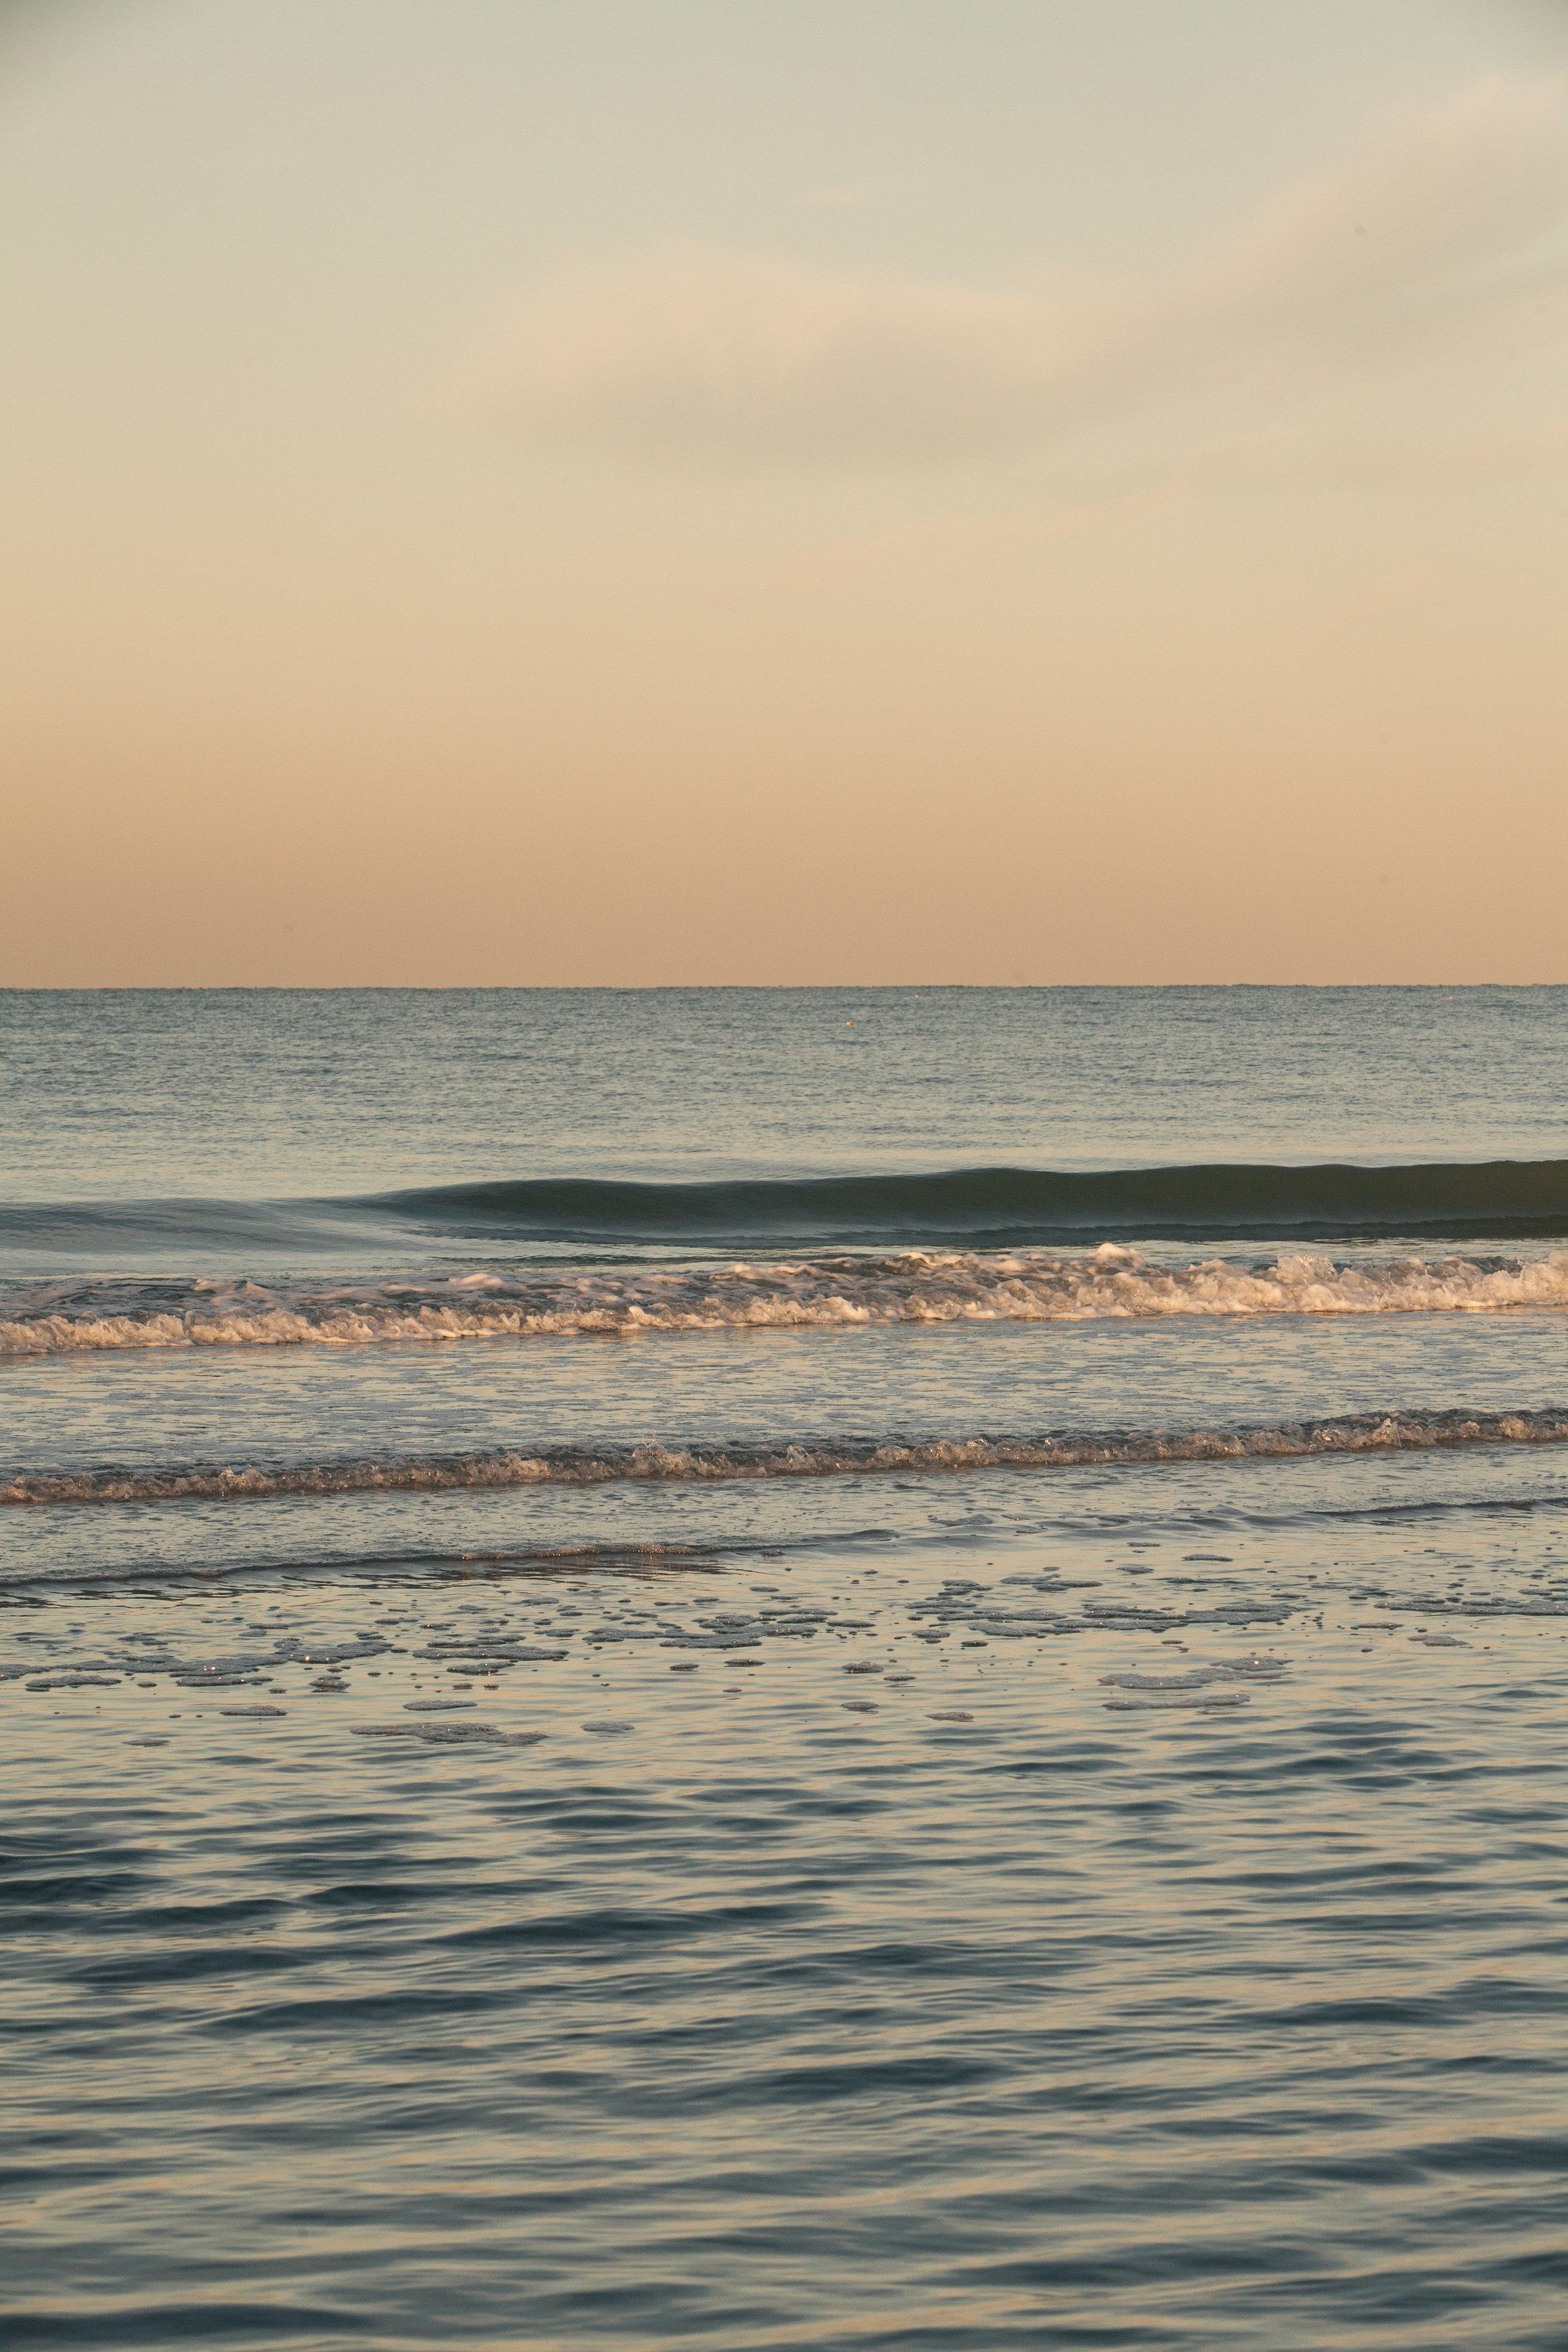 interval-ocean-1303-9509-smugmug.jpg